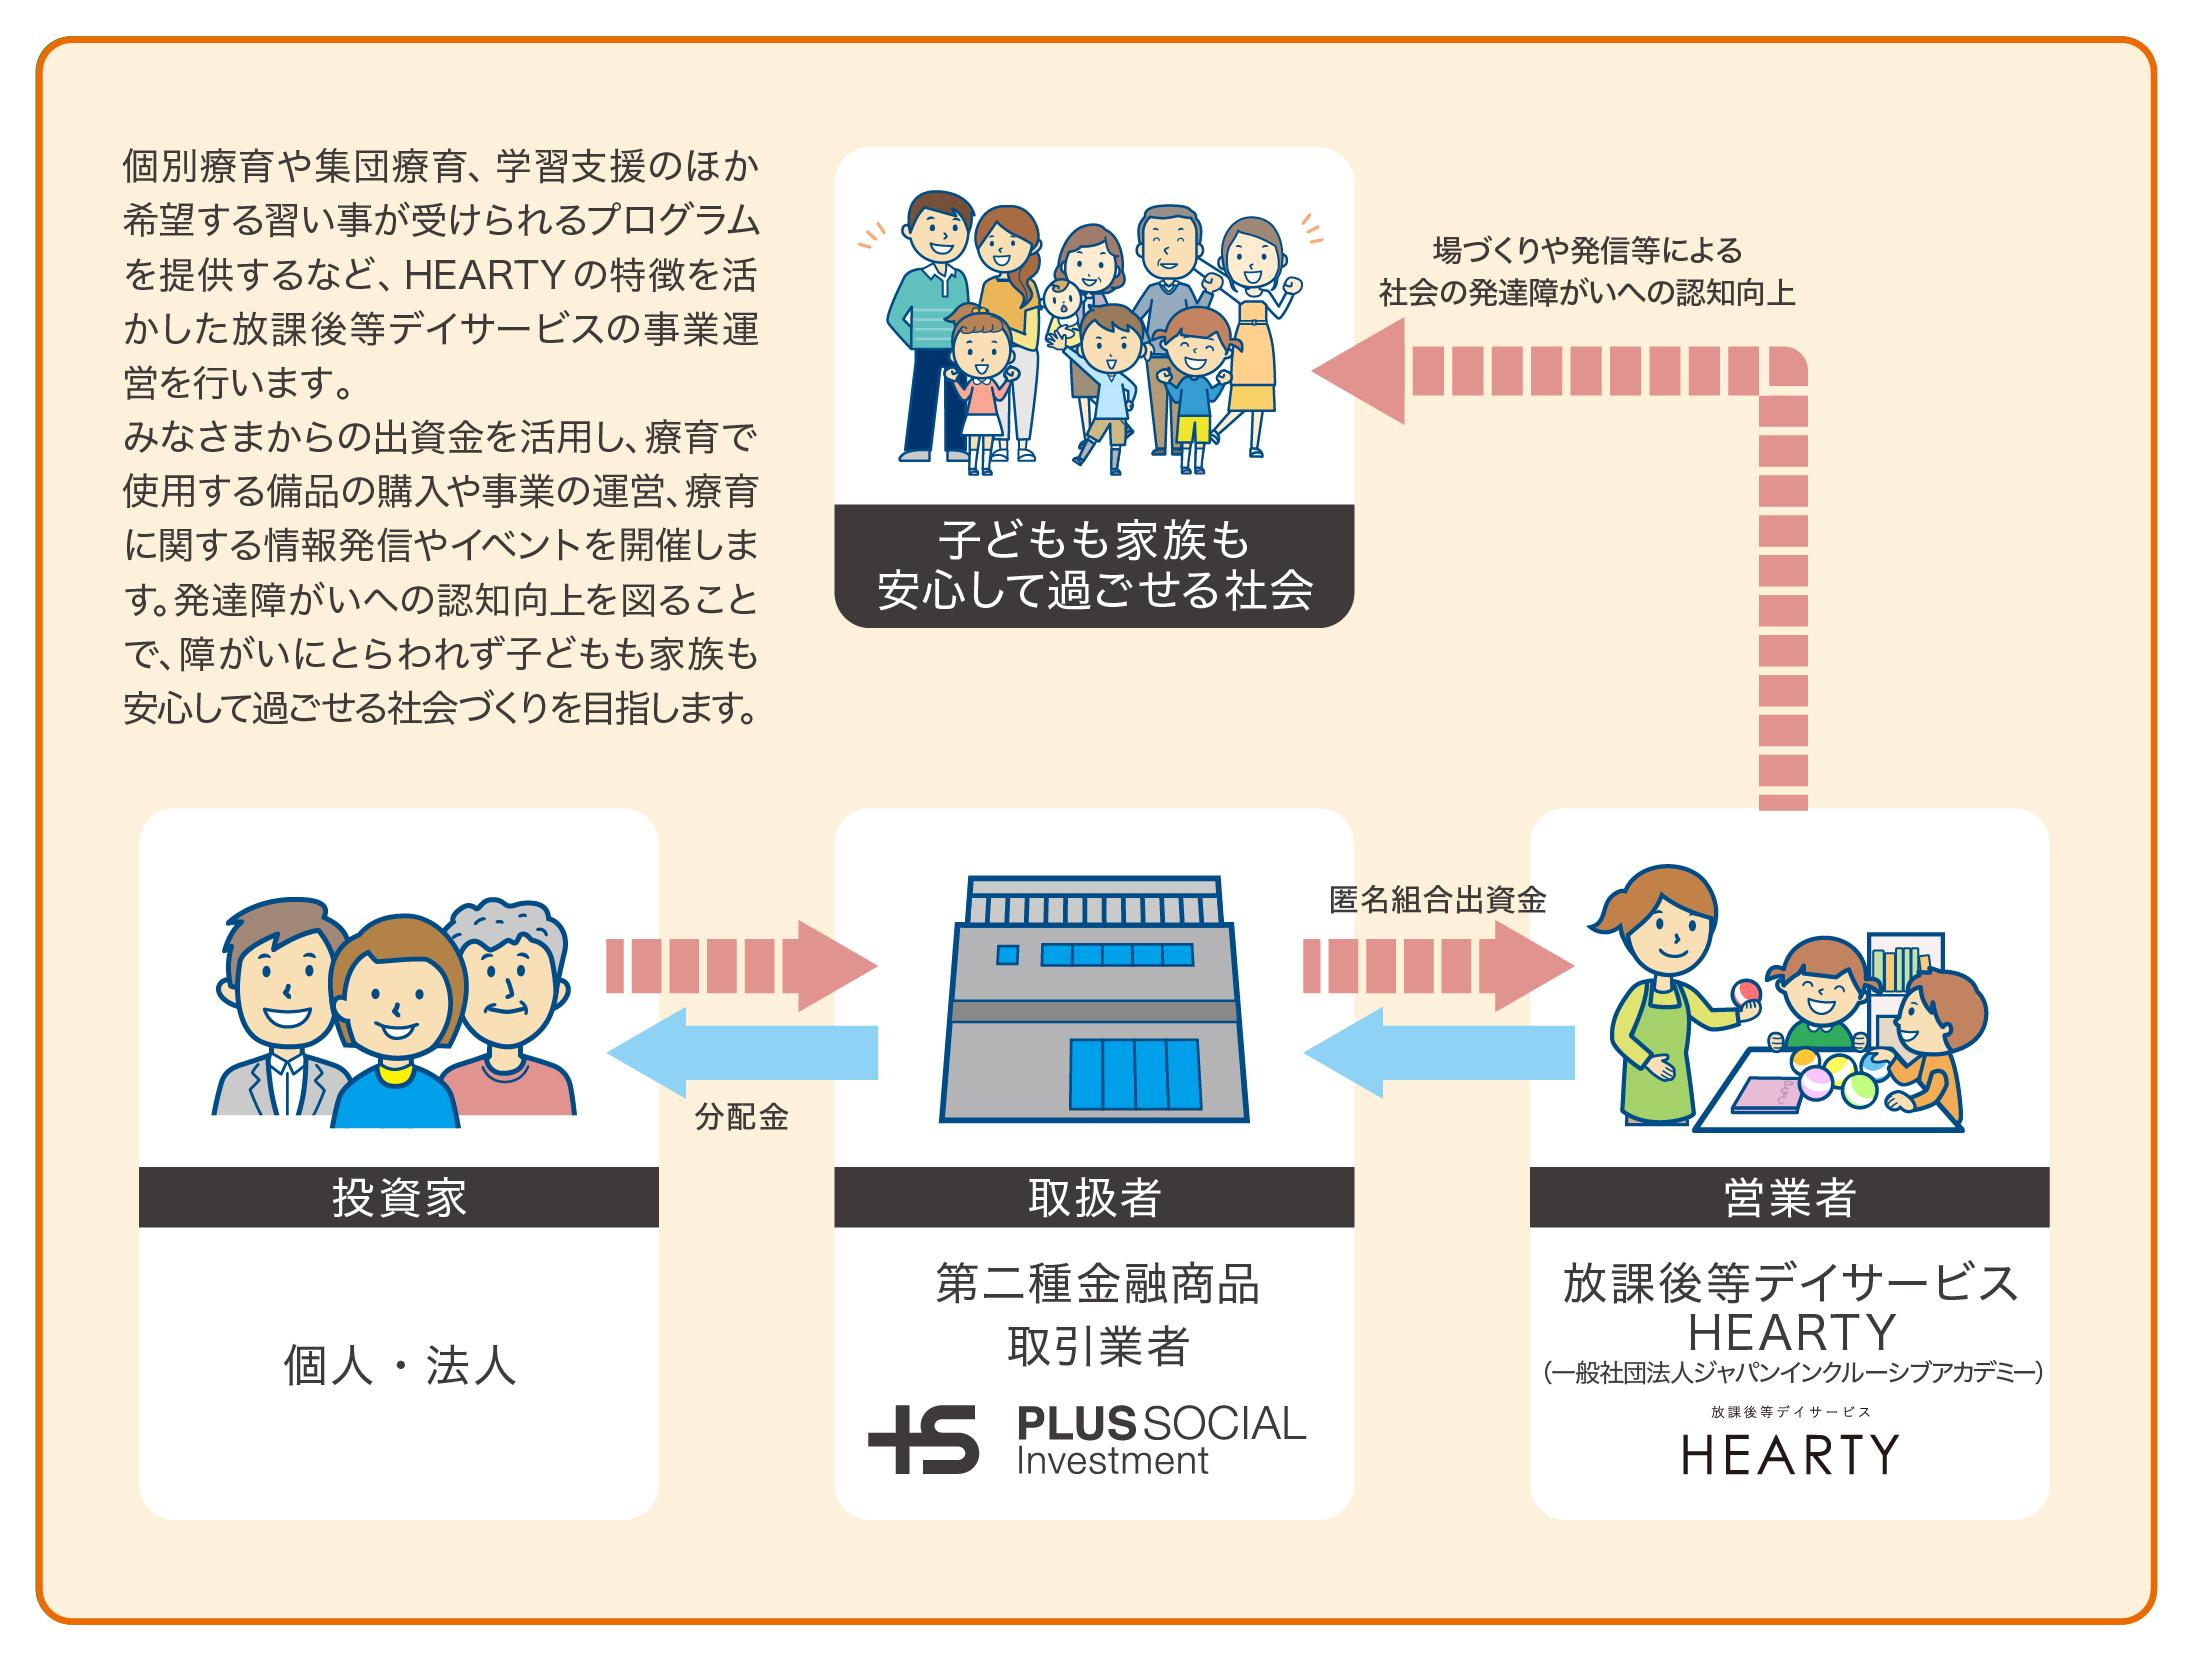 放課後等デイサービスHEARTY活動応援プロジェクト仕組み図